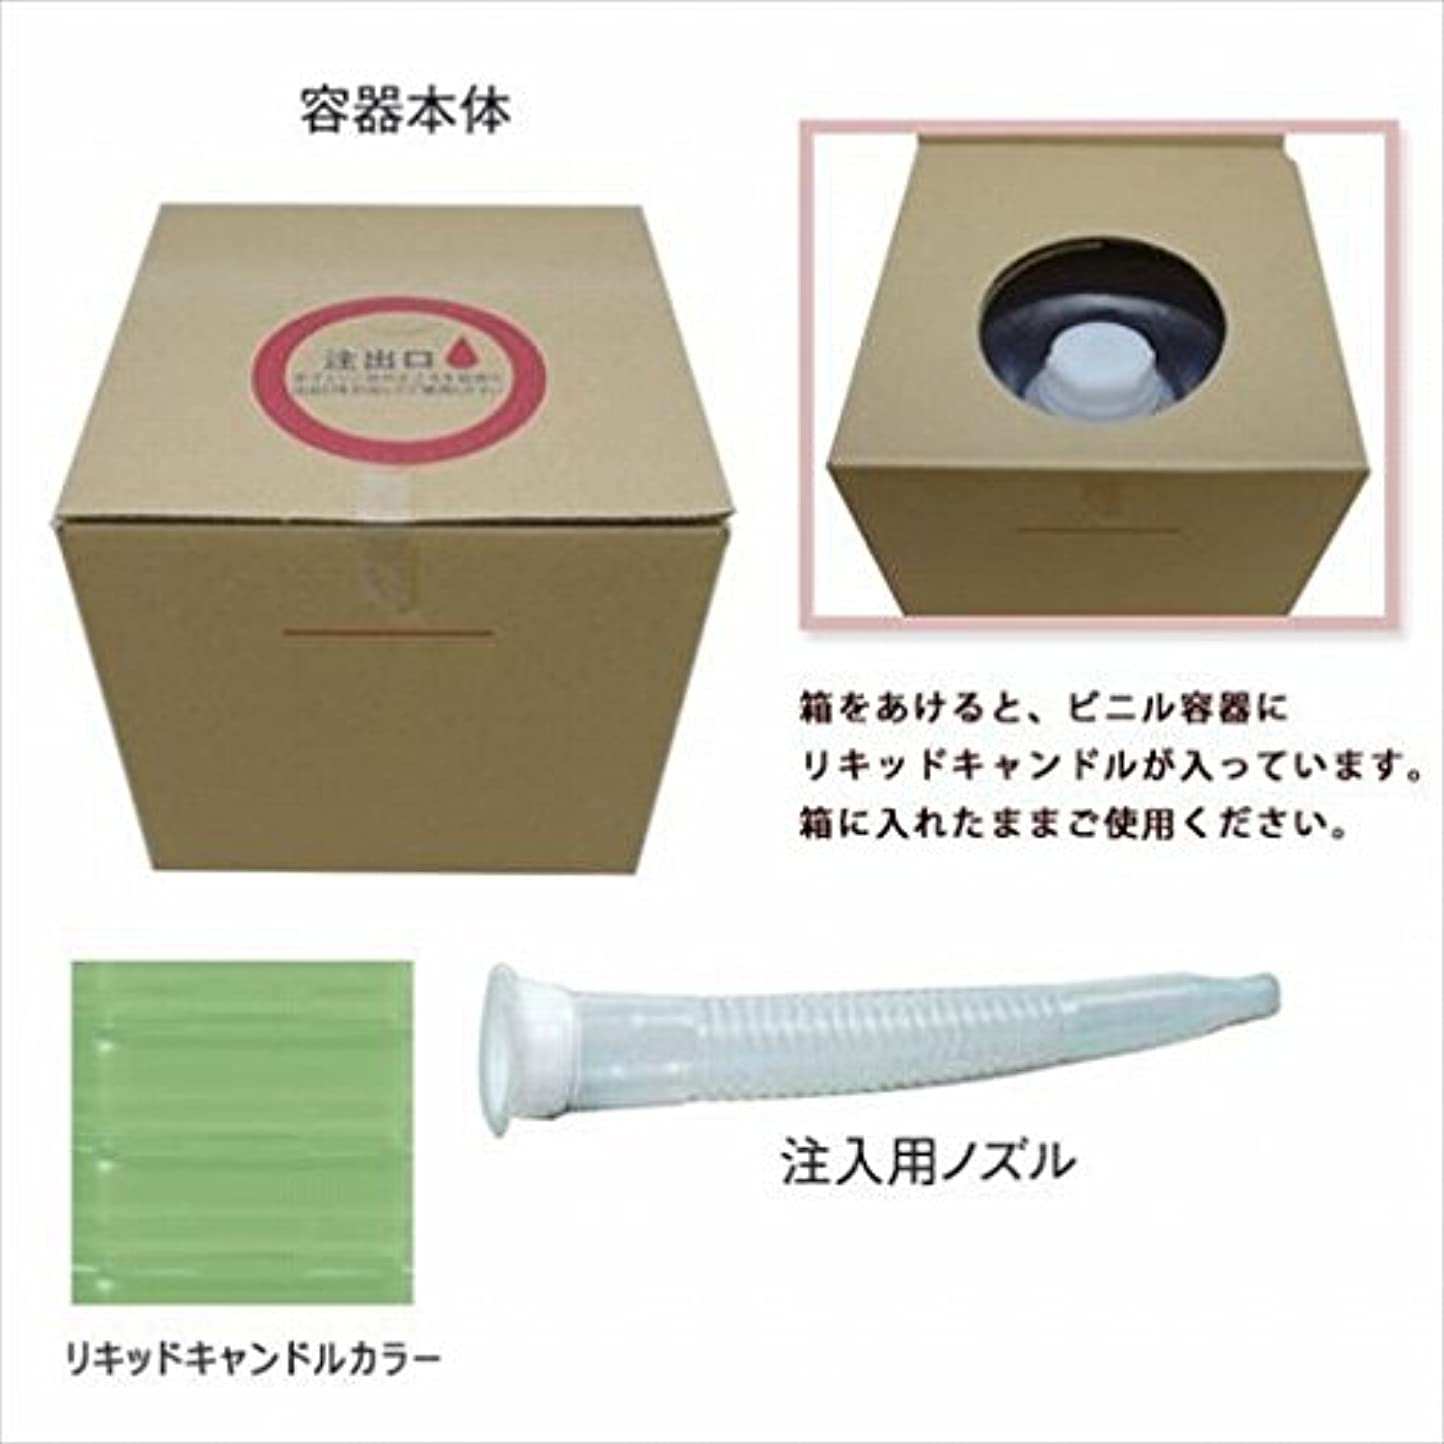 チロブロー特派員カメヤマキャンドル(kameyama candle) リキッドキャンドル5リットル 「 ライトグリーン 」